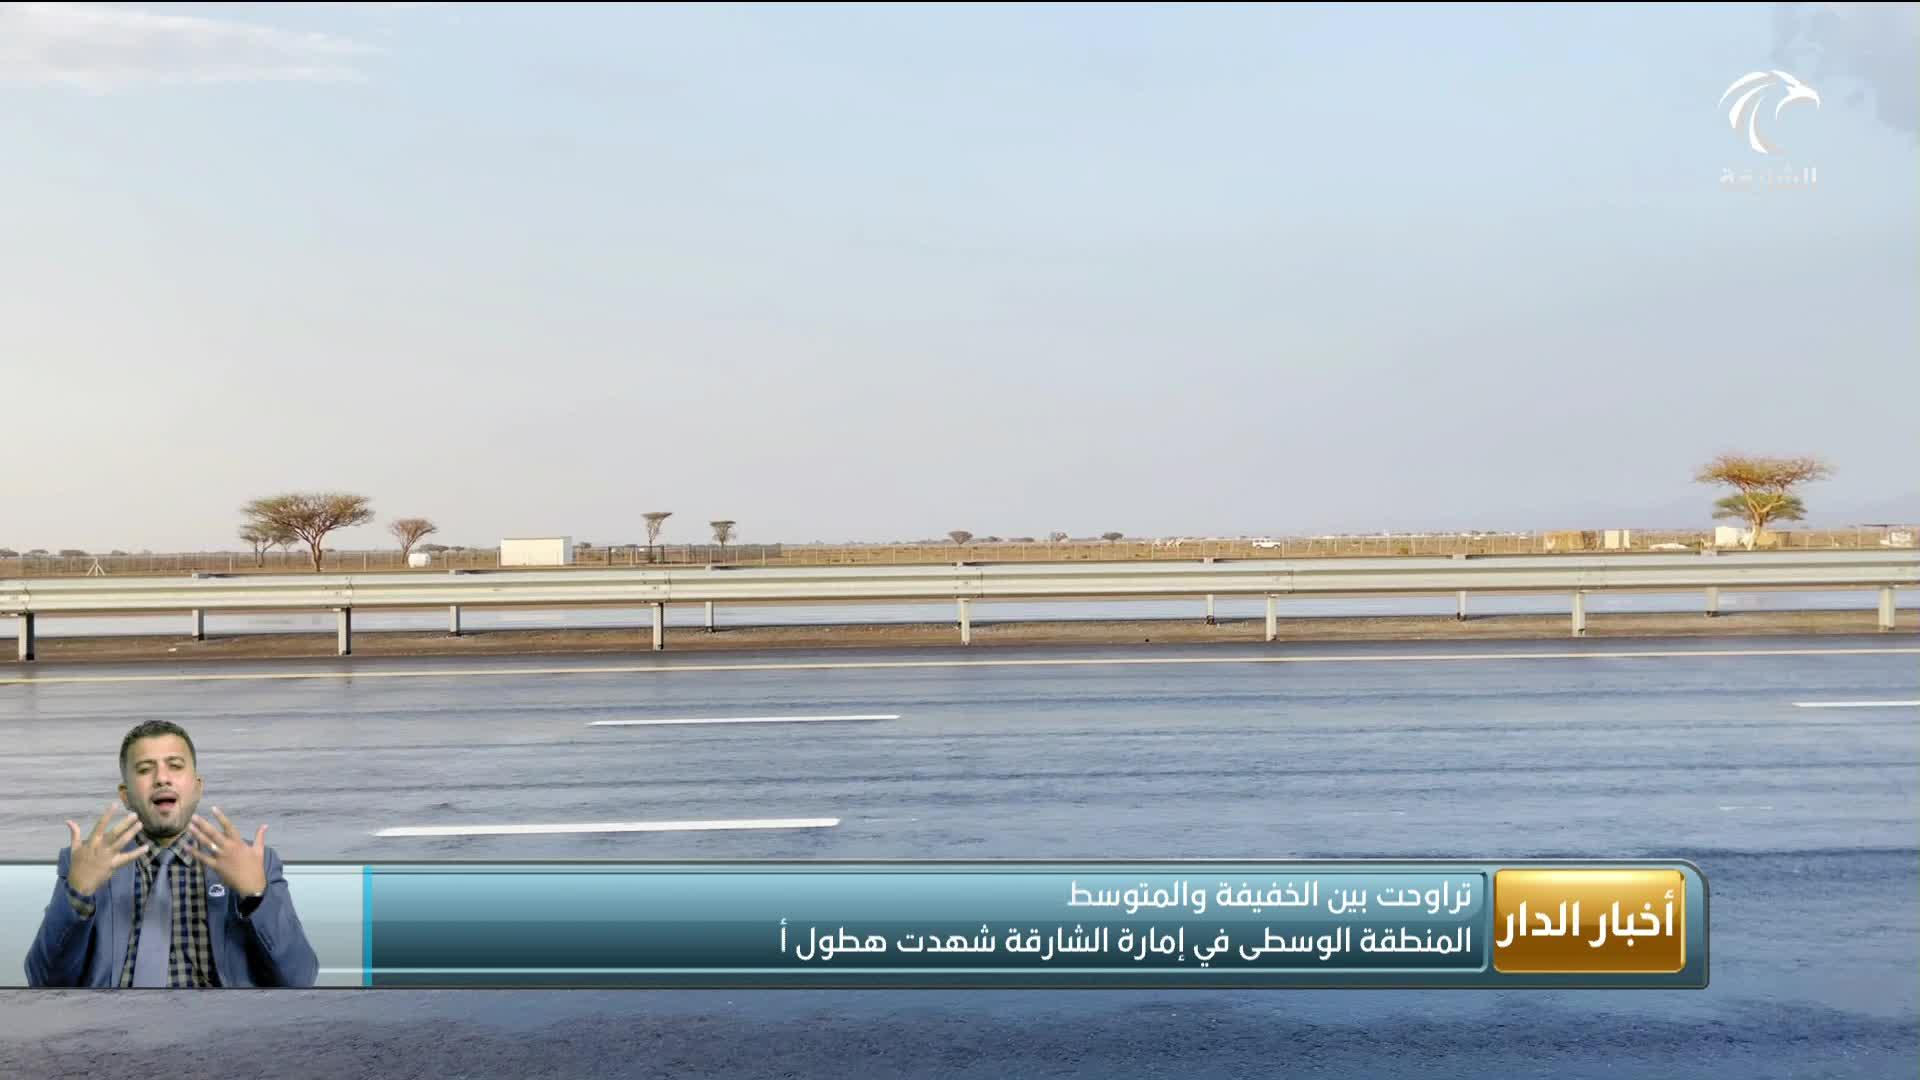 المنطقة الوسطى في إمارة الشارقة شهدت هطول أمطار الرحمة